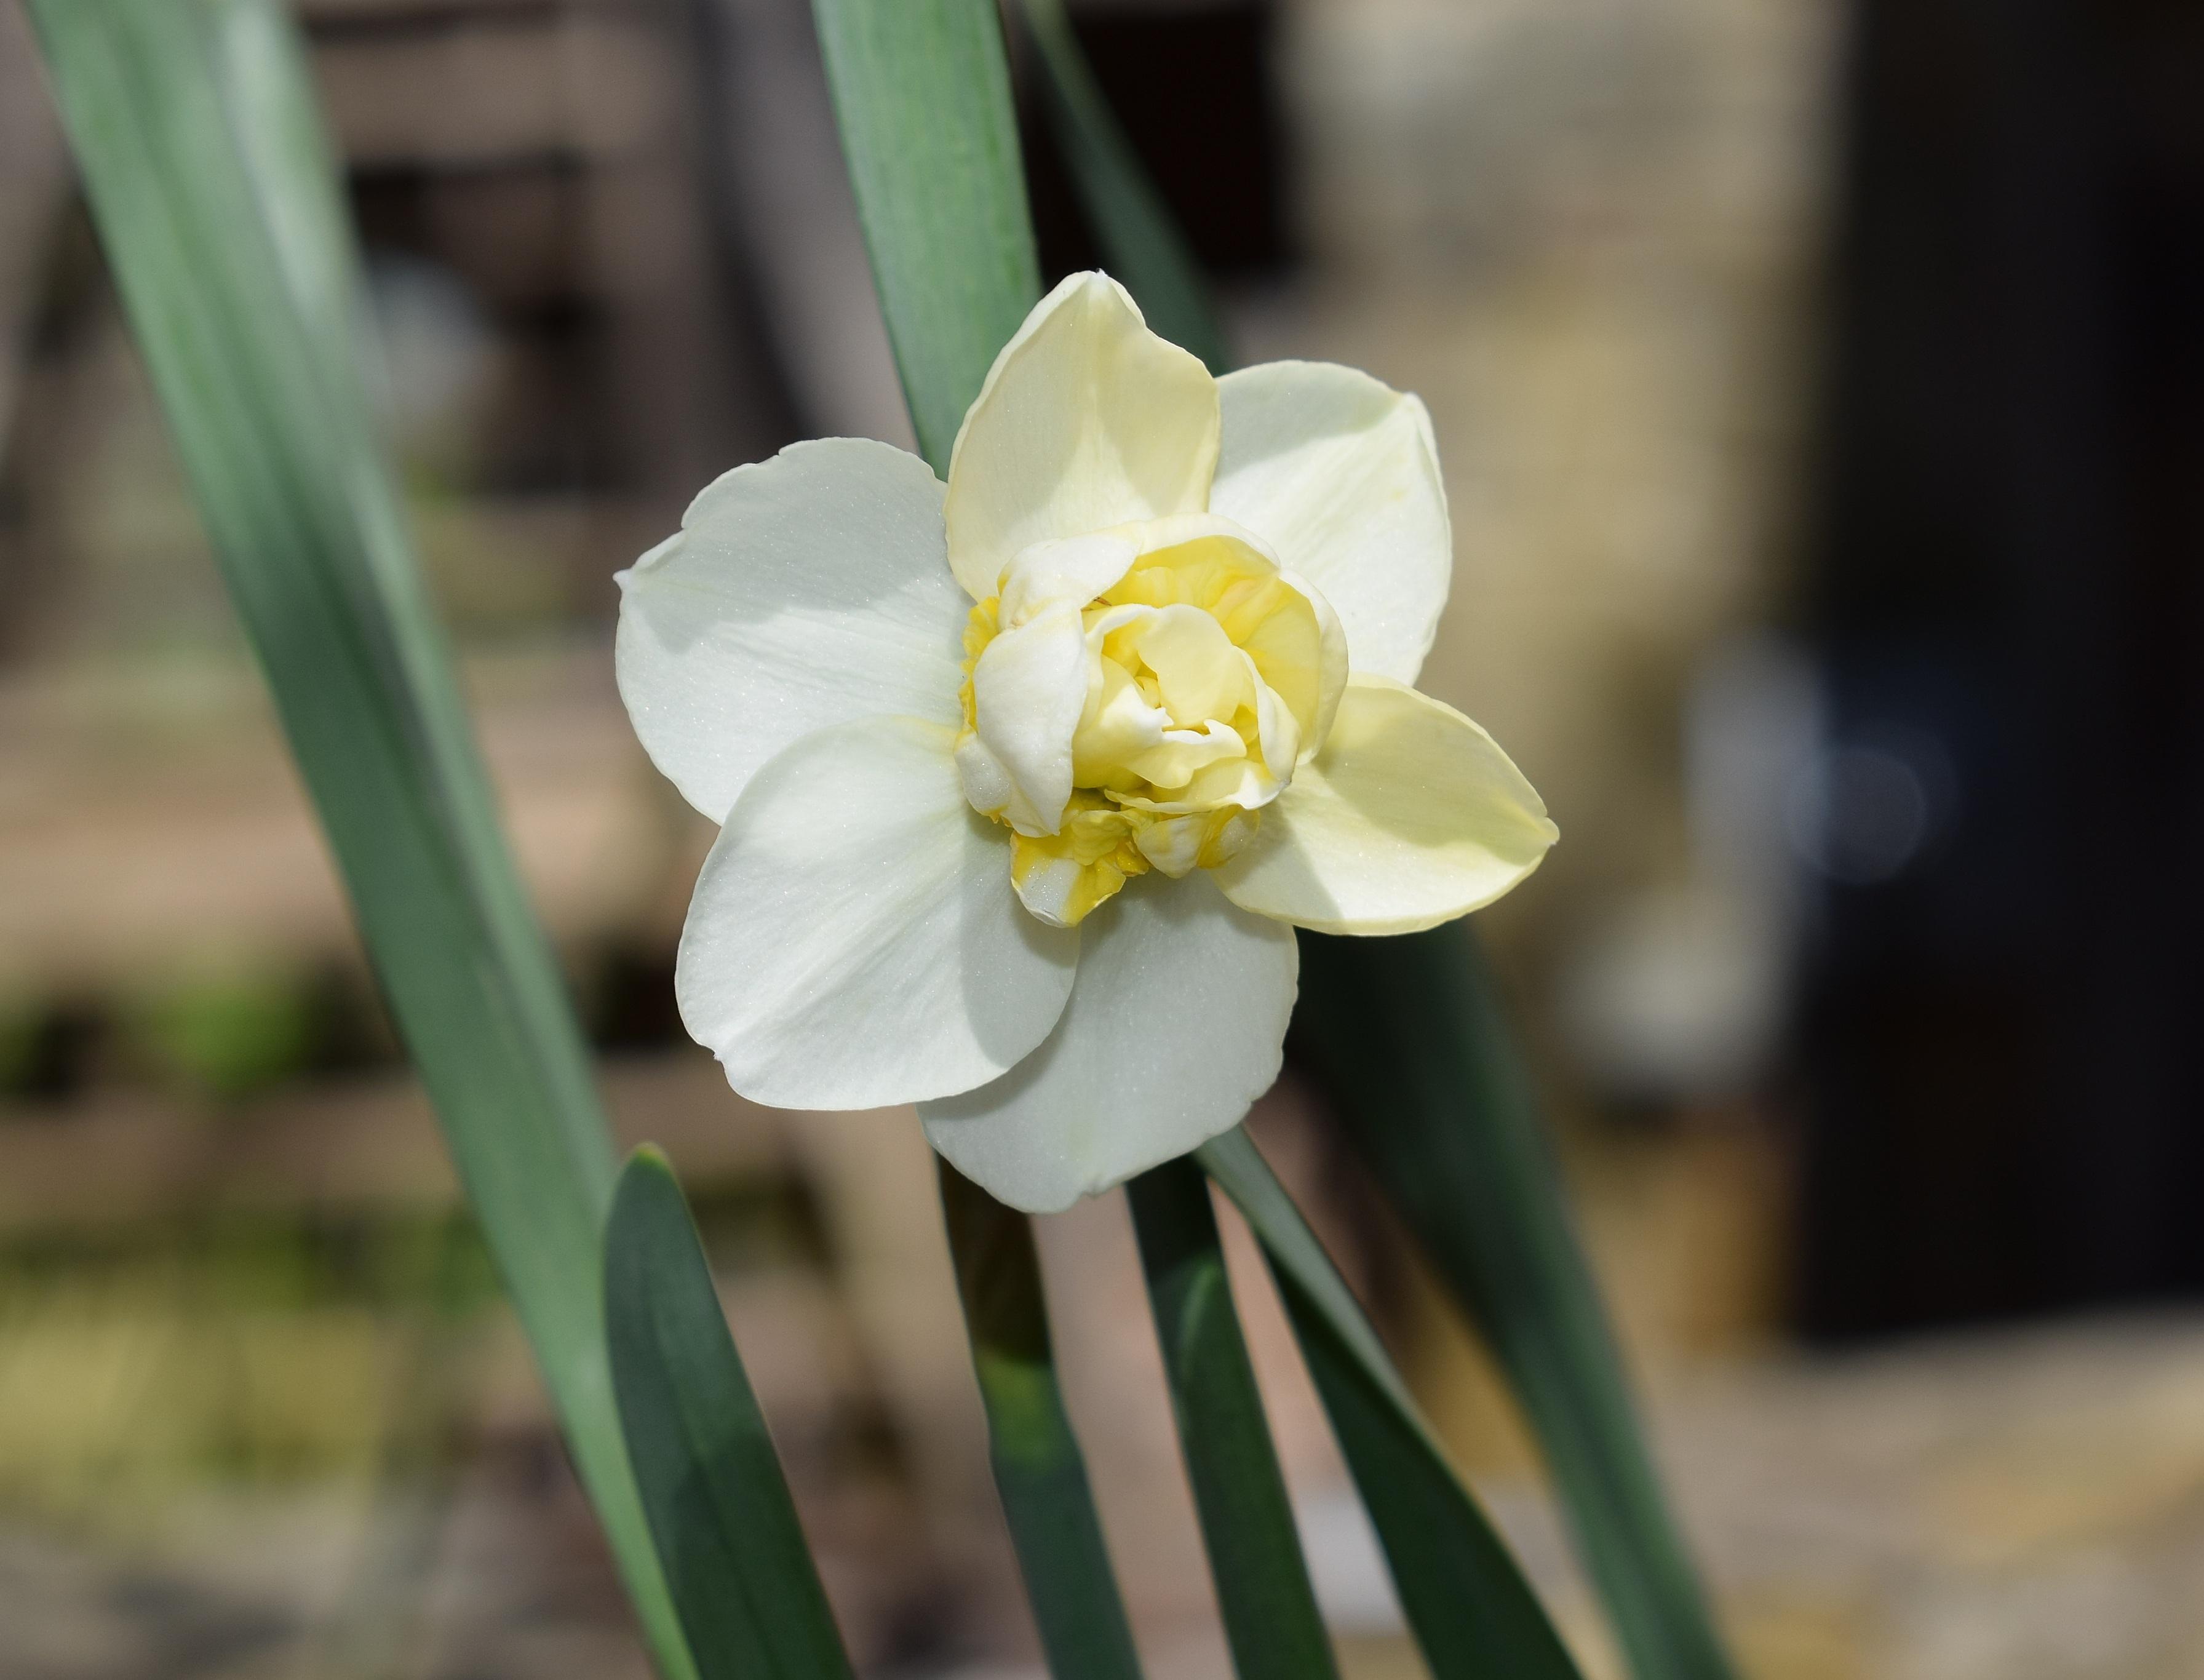 Images Gratuites La Nature Fleur La Photographie Petale